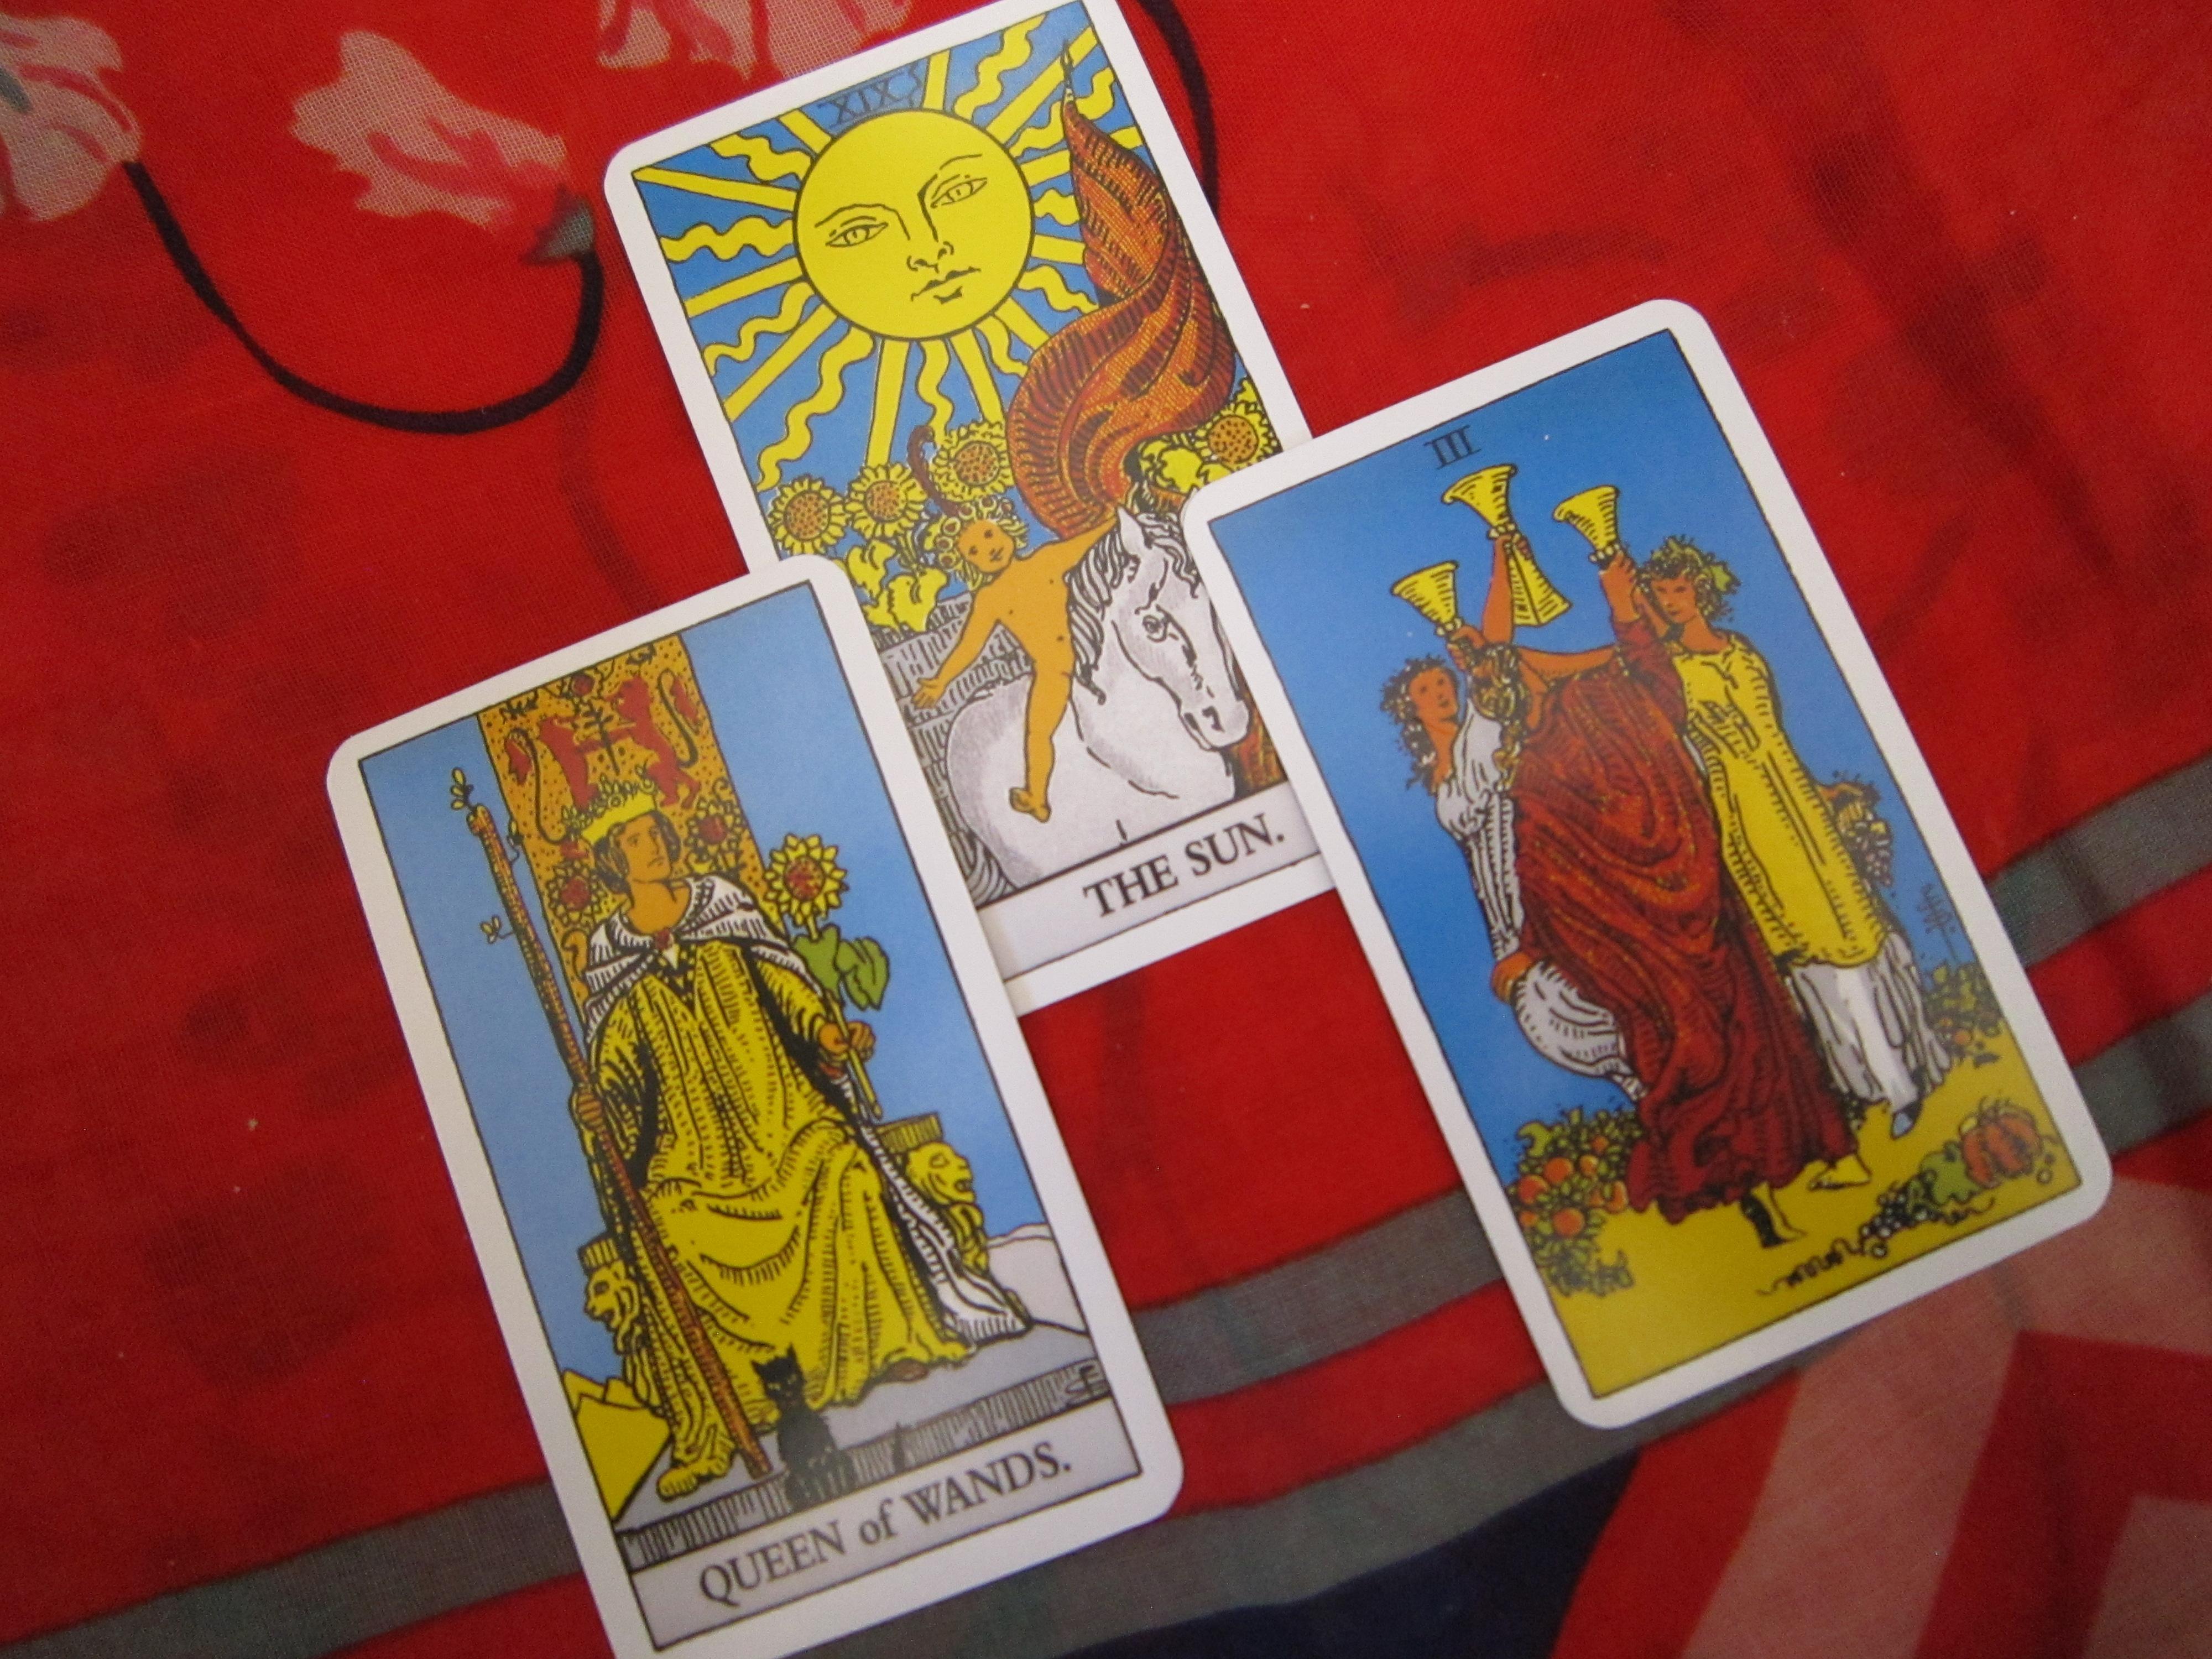 Three tarot cards displayed during a tarot reading.